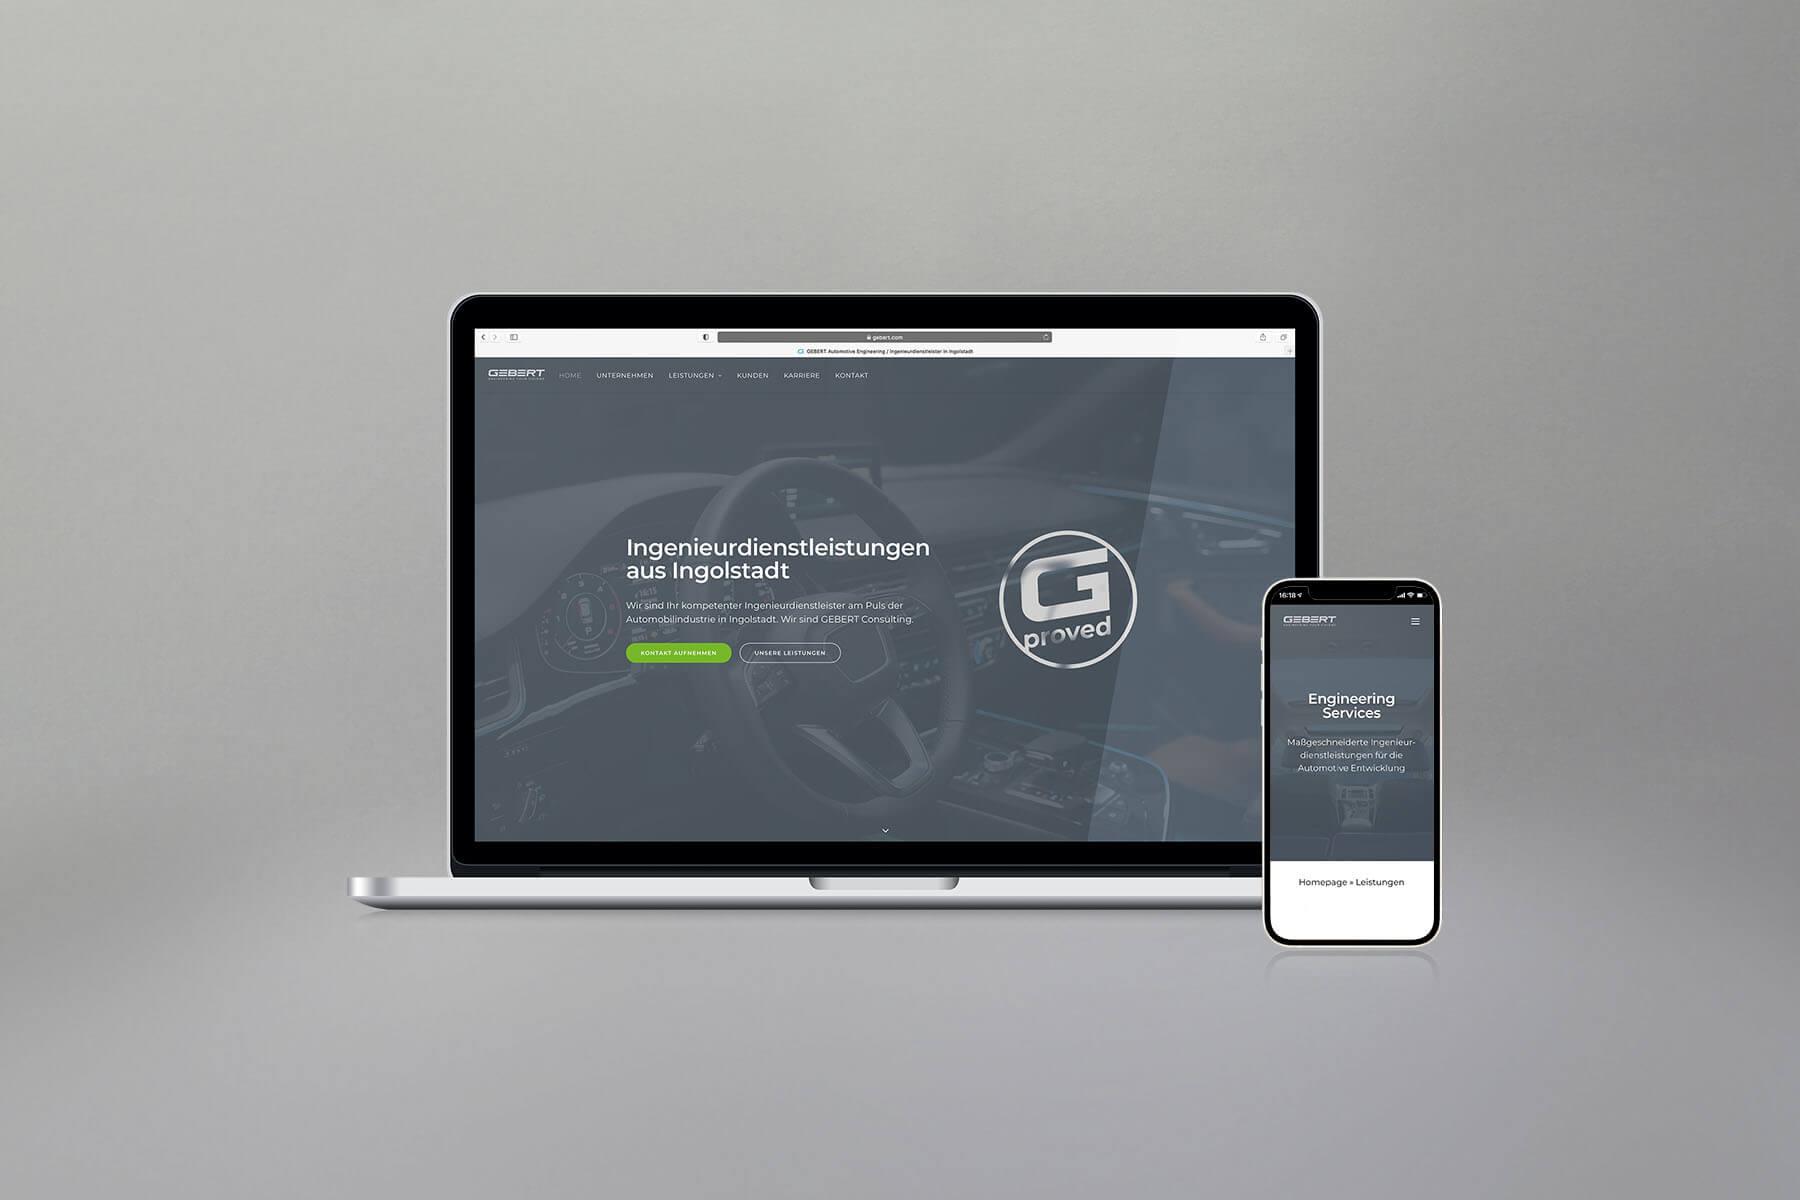 Agentur-Referenzen: Webdesign und WordPress Website für Ingenieurbüro